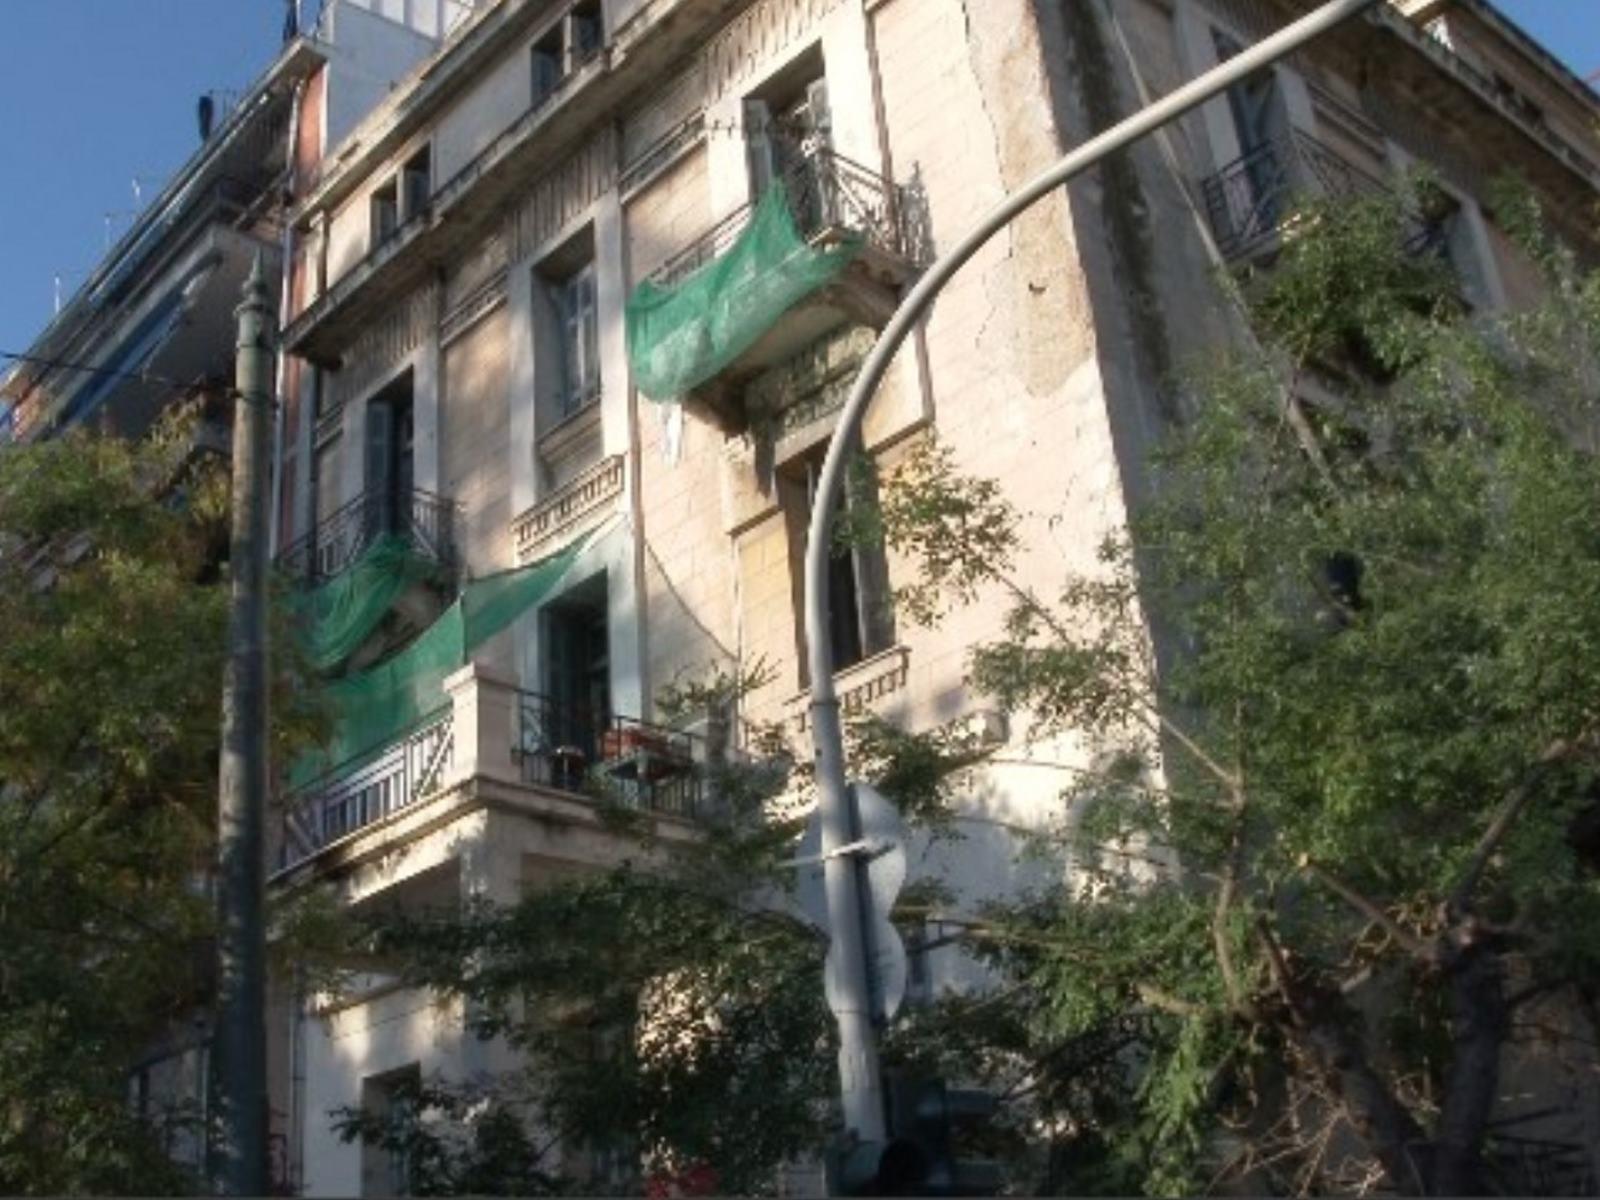 Το κτίριο που ήταν υπό κατάληψη